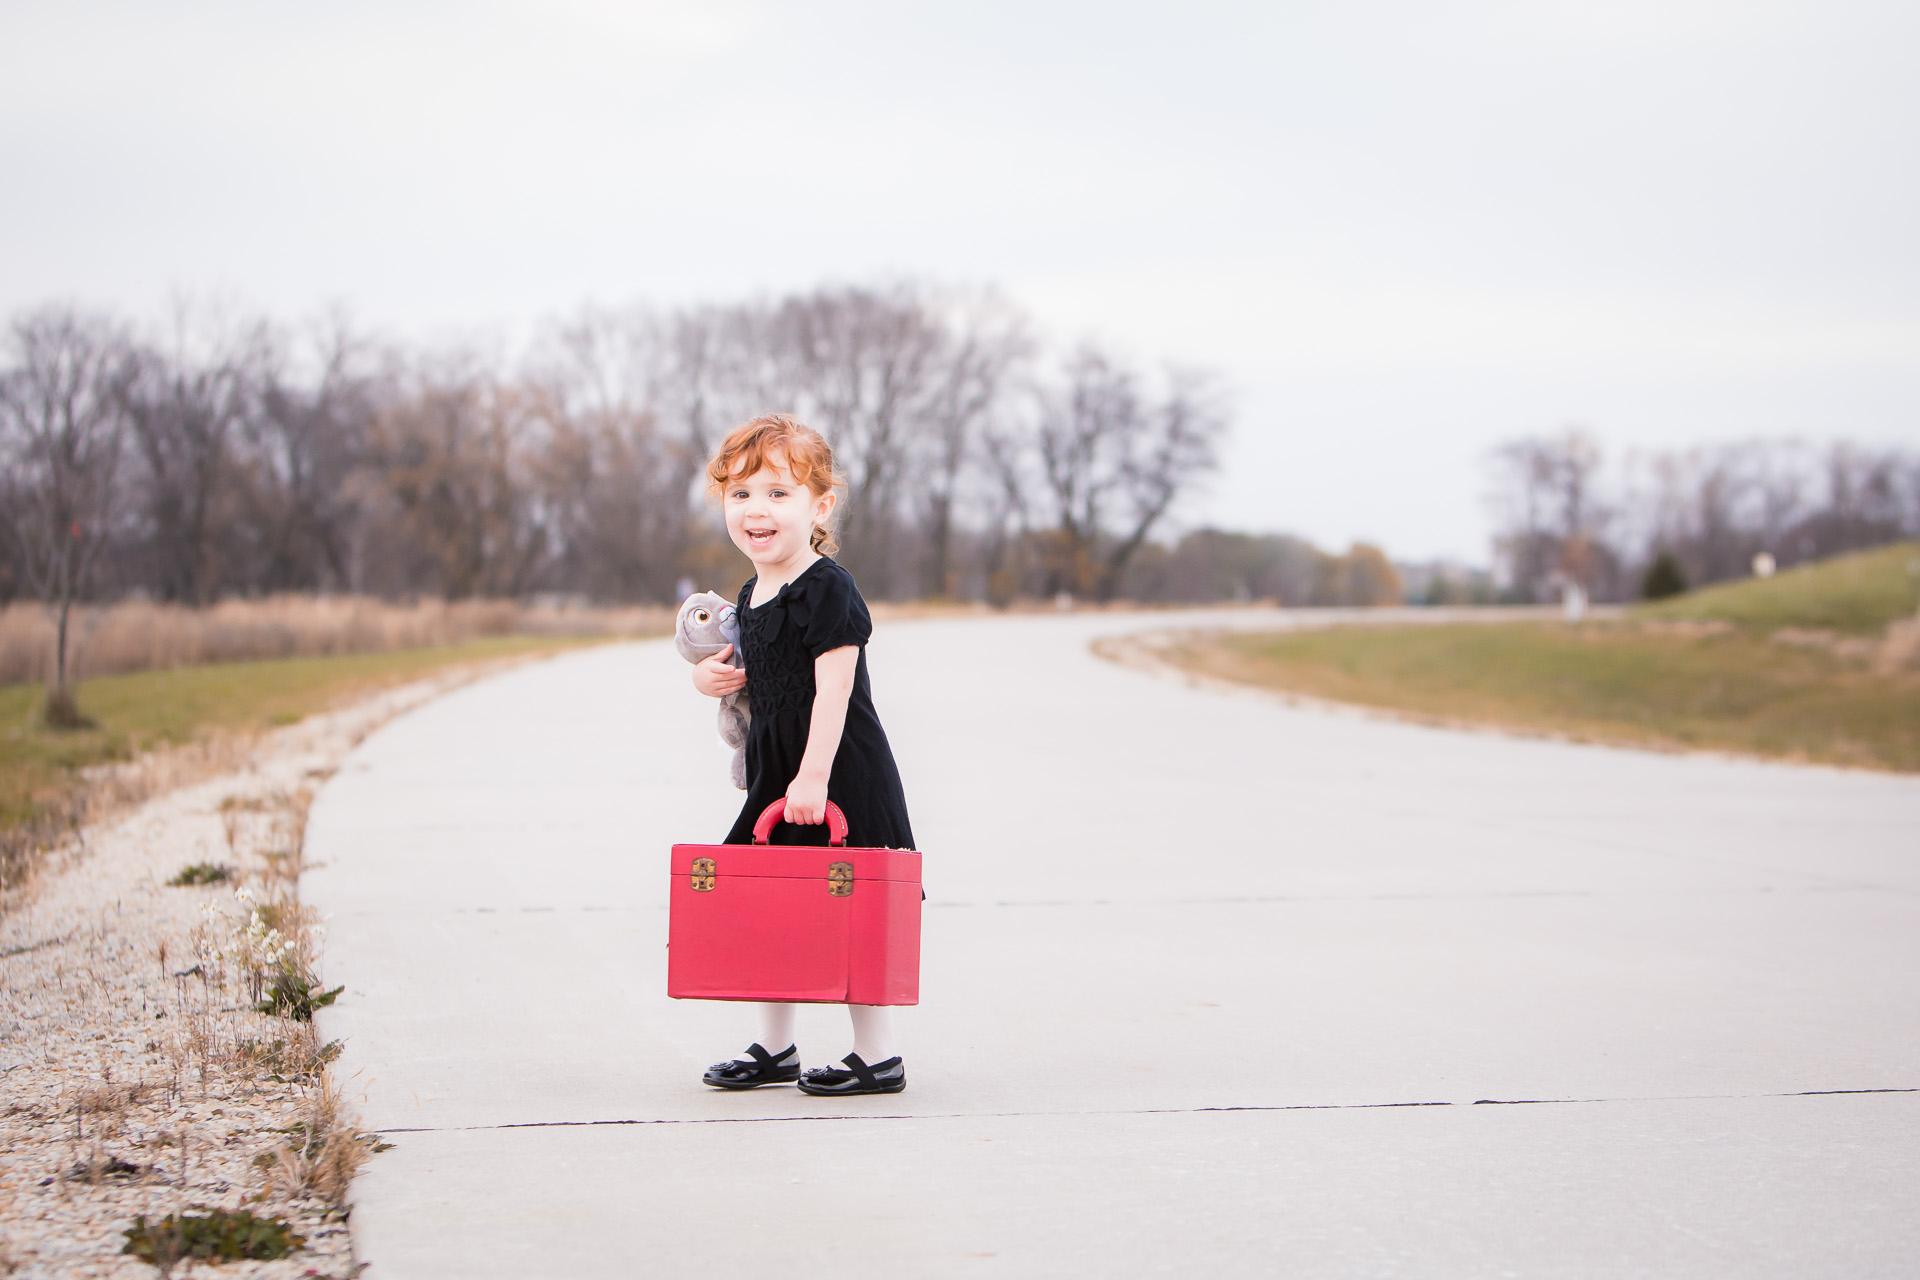 urbandale-iowa-child-photographer.jpg